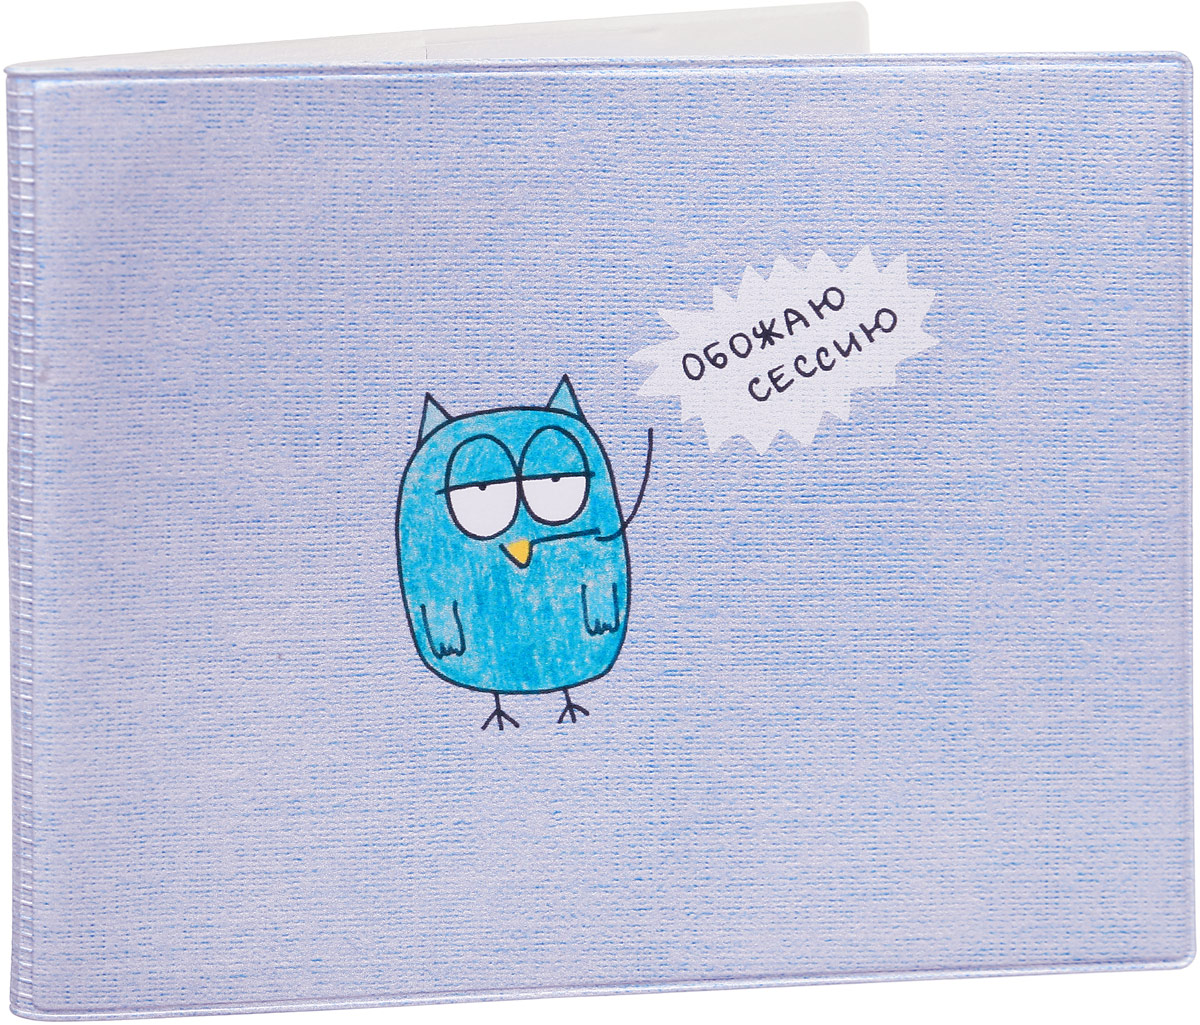 Обложка для зачетной книжки Kawaii Factory Обожаю сессию, цвет: голубой. KW067-000067 обложка для зачетной книжки спб мосты и крепость оз2018 014